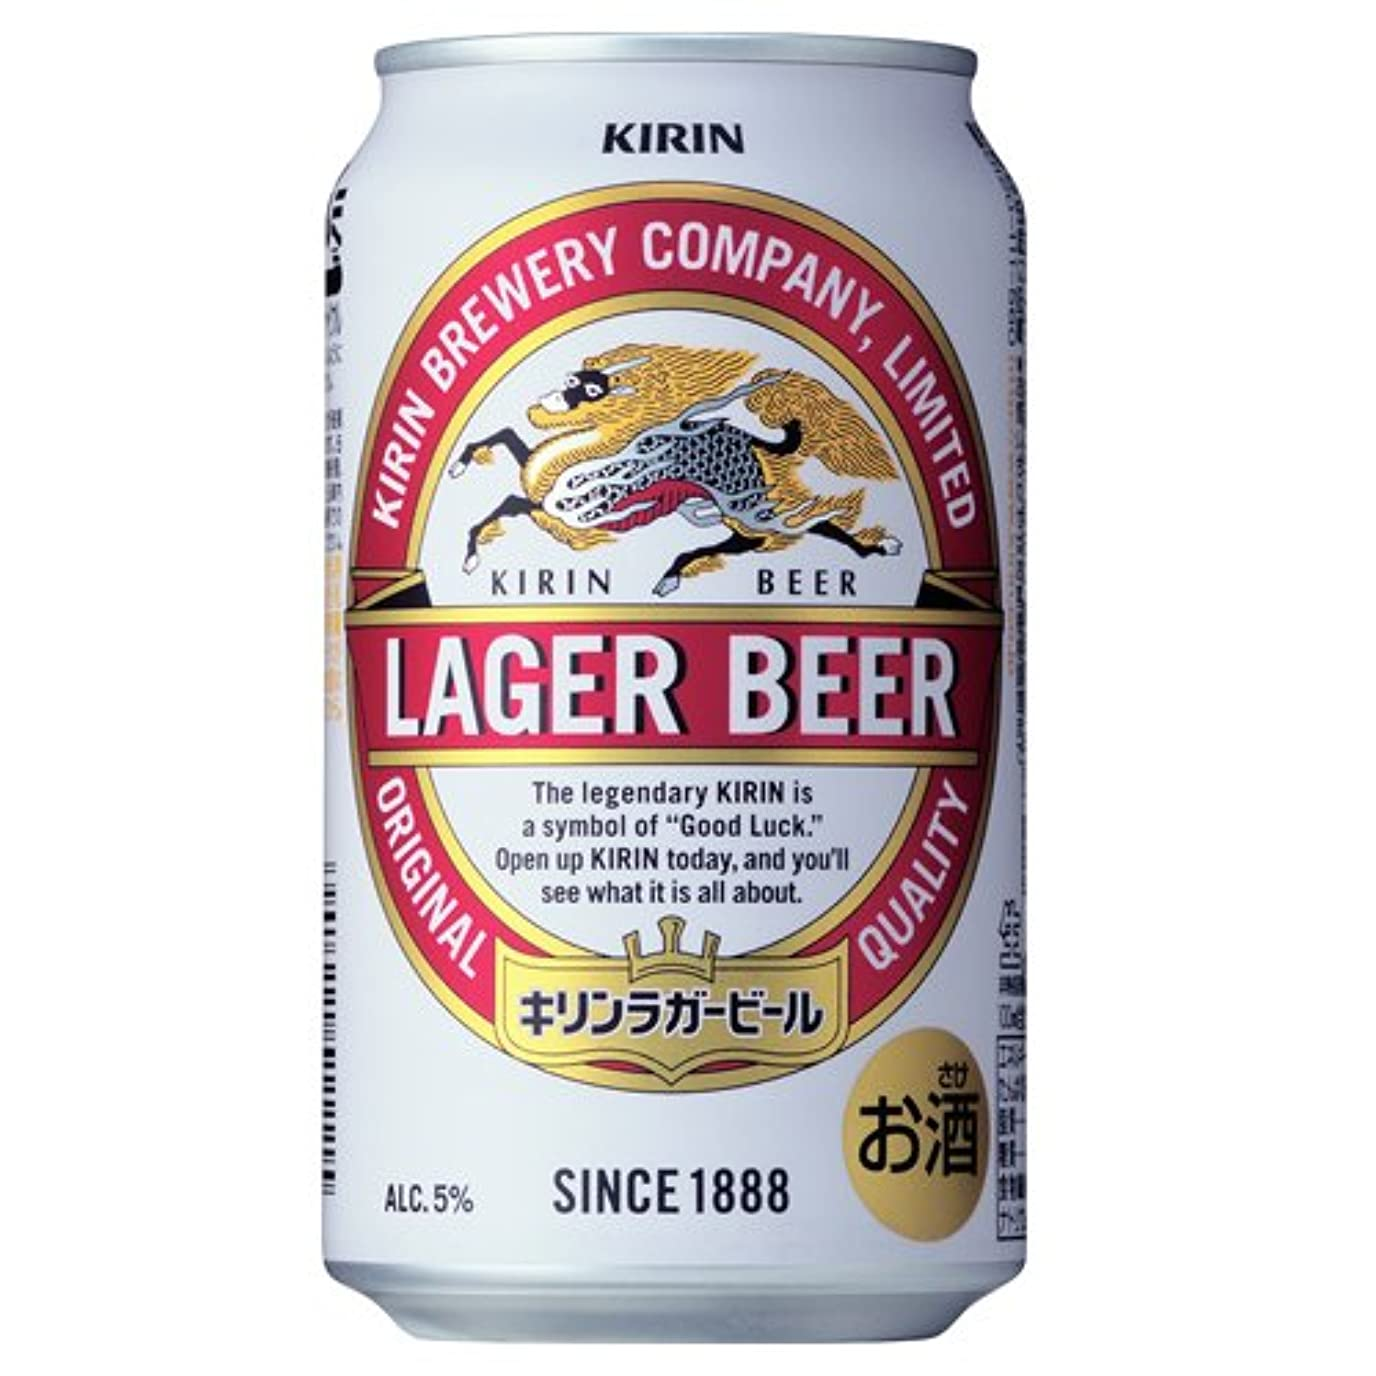 シーズン可塑性突破口キリン ラガービール 350ml 6本